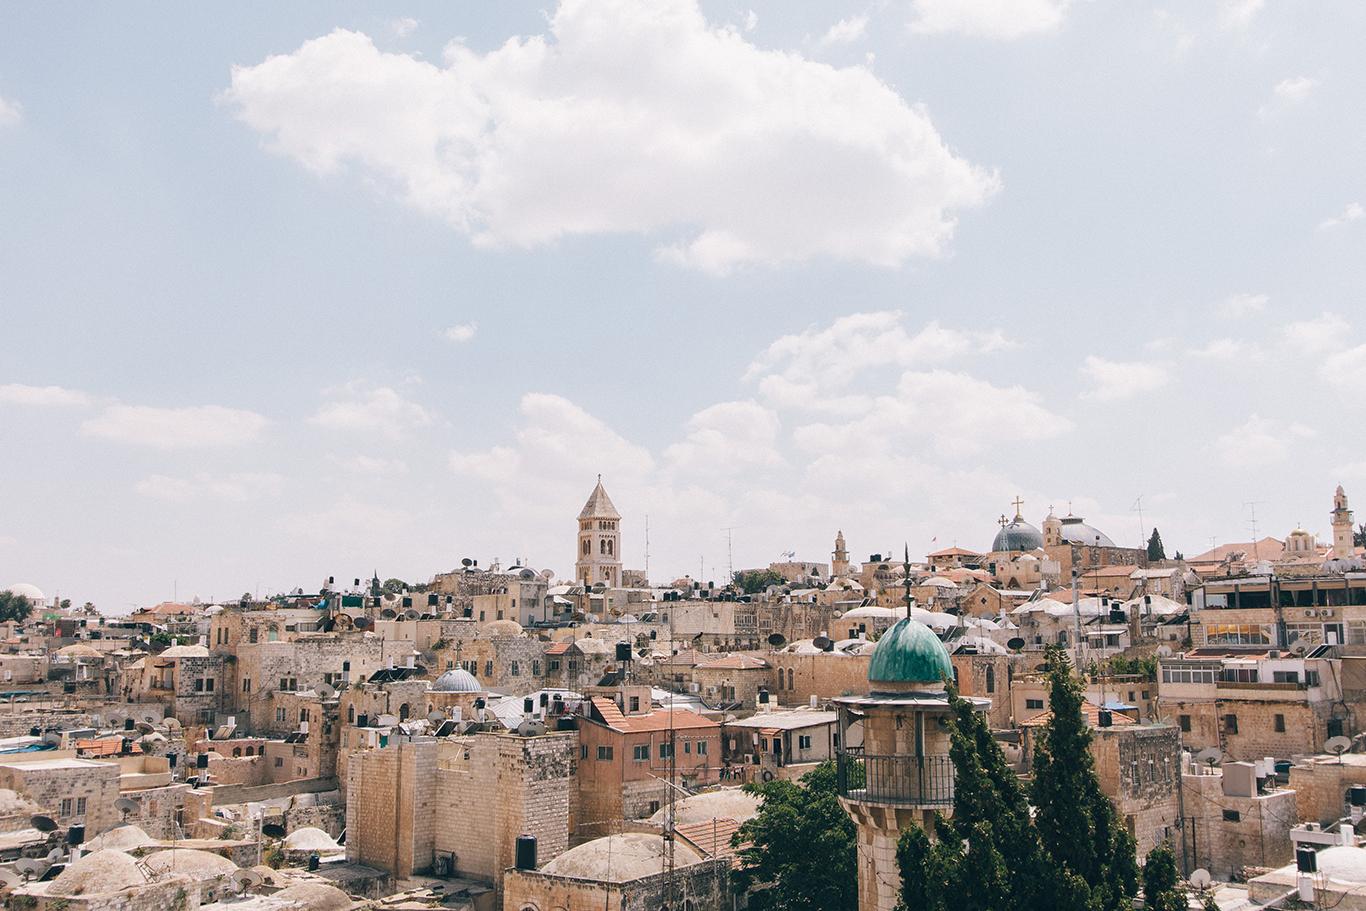 イスラエルの観光&旅行スポットを紹介!歴史や宗教の聖地から最新の街歩きまで